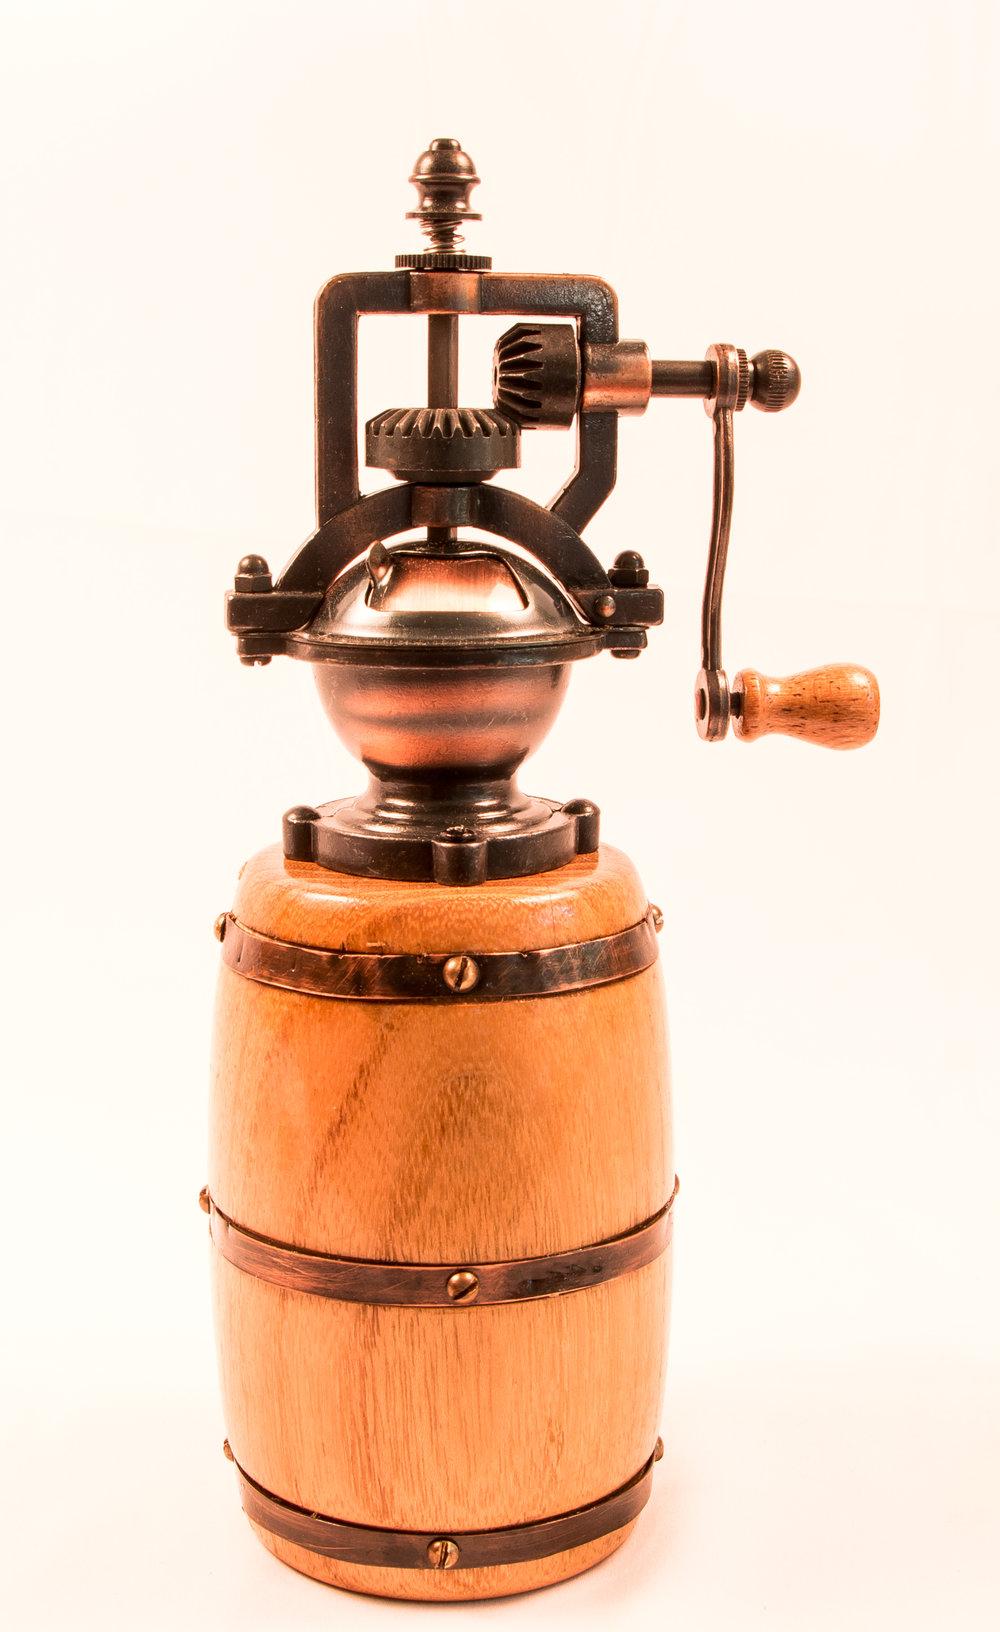 Barrel pepper grinder